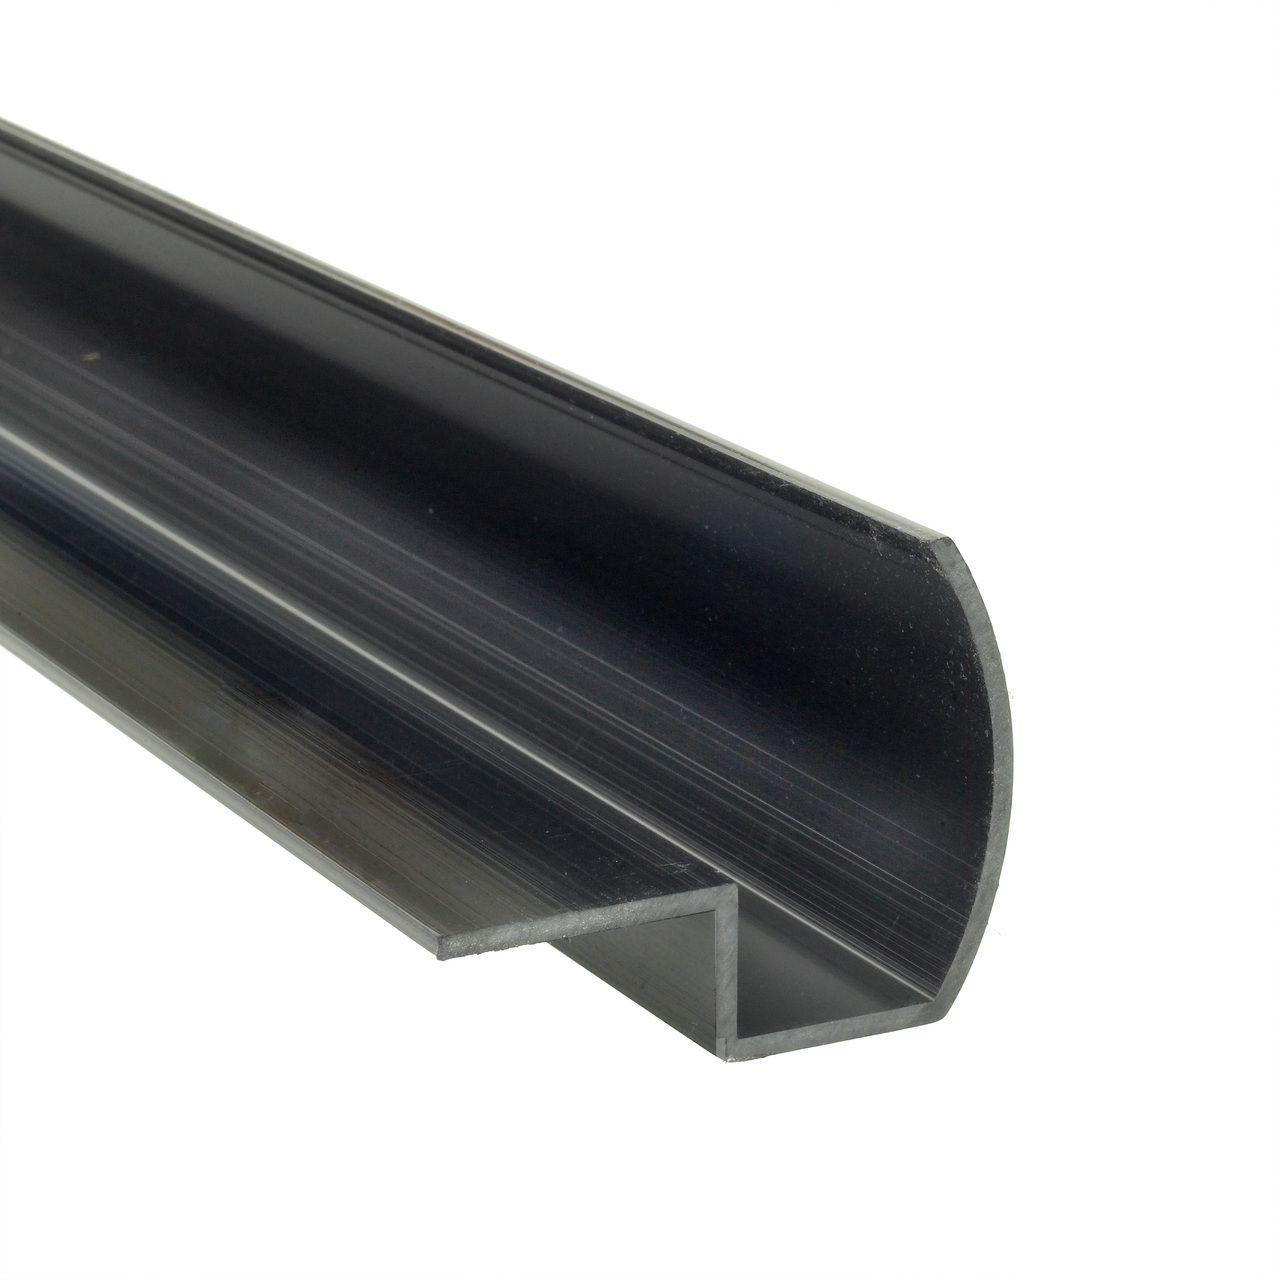 Half Bullnose Edge Profile Concrete Countertop Forms With